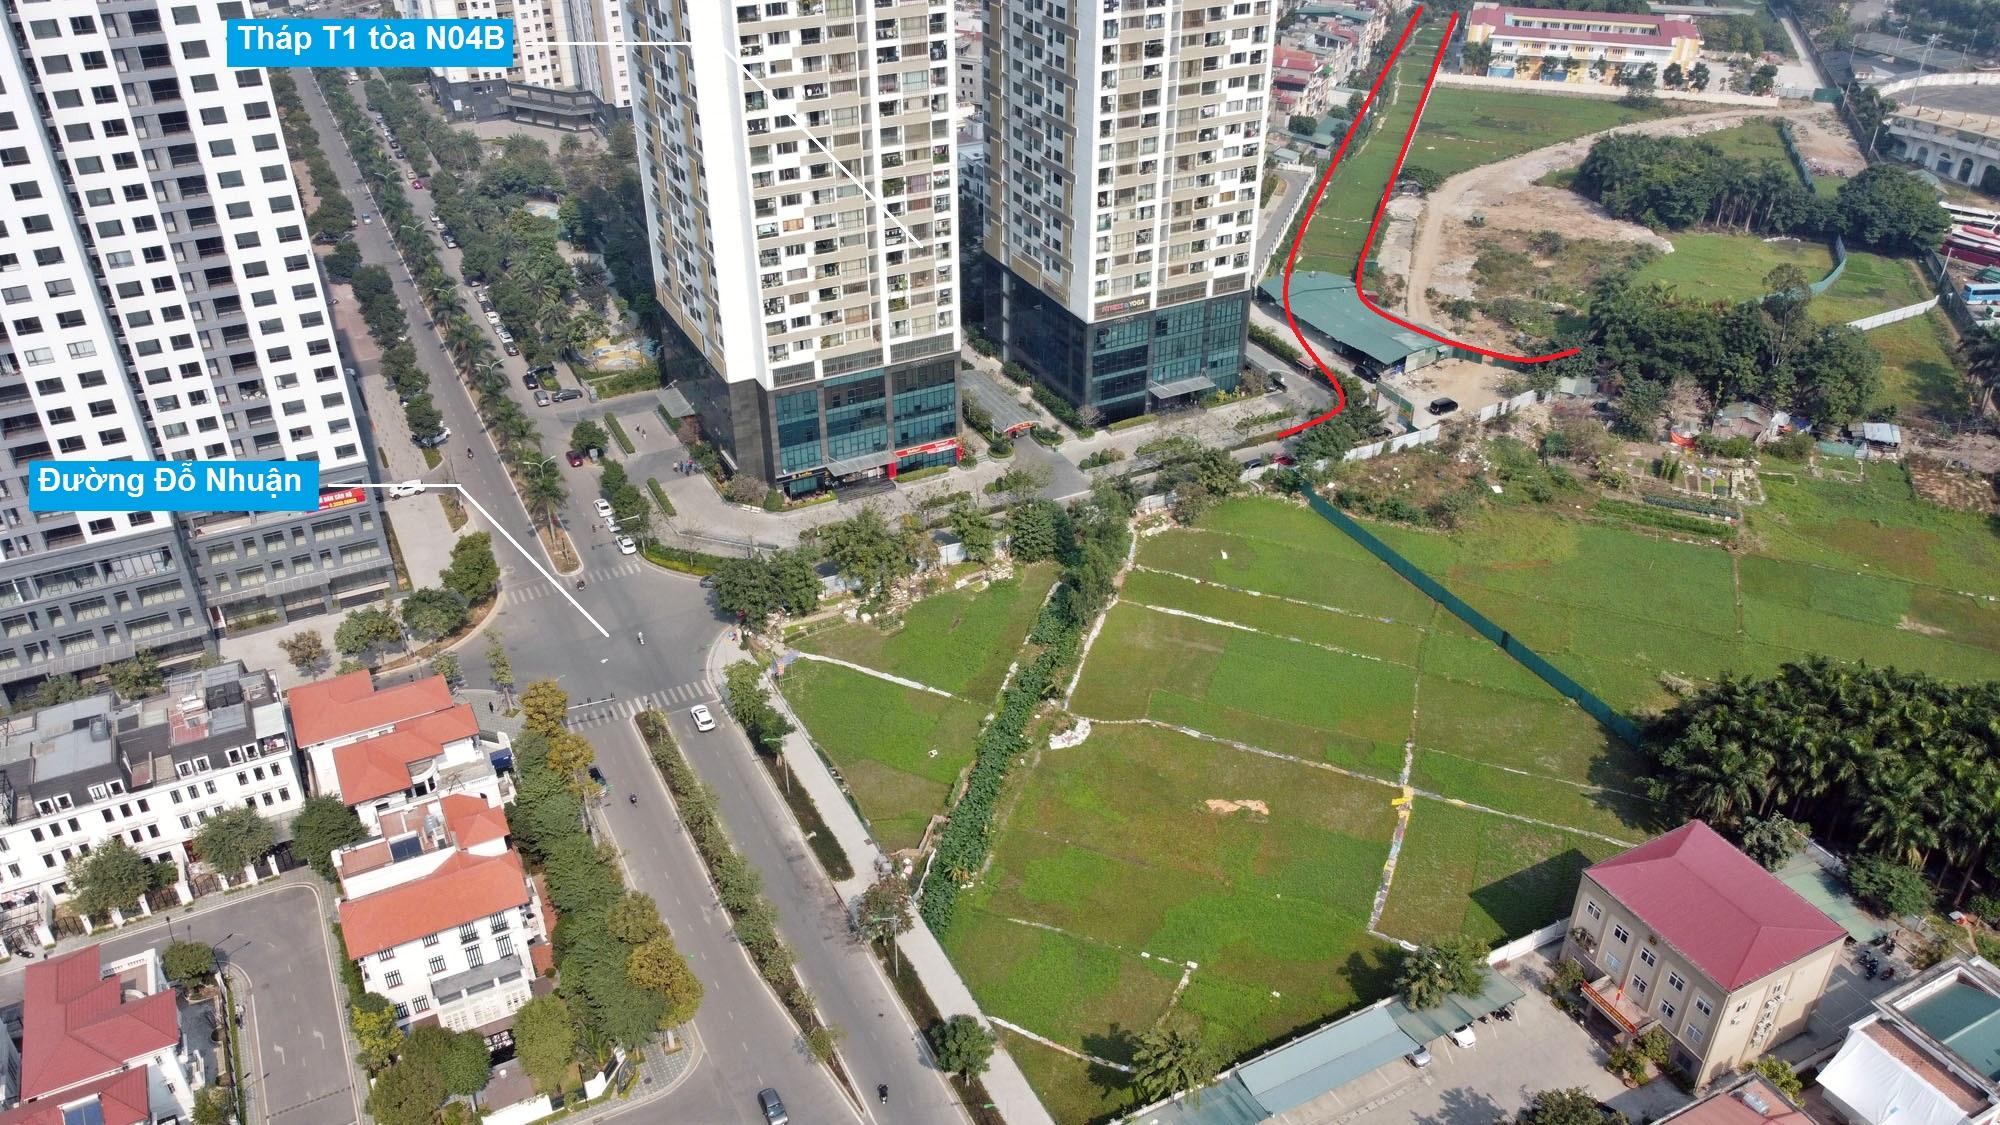 Ba đường sẽ mở theo qui hoạch ở phường Xuân Tảo, Bắc Từ Liêm, Hà Nội (phần 2) - Ảnh 11.